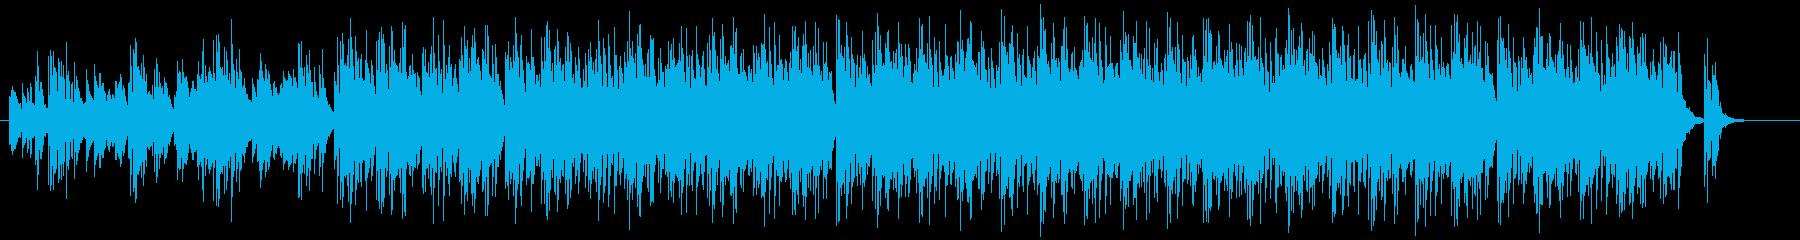 可愛らしいマリンバのミニマルの再生済みの波形